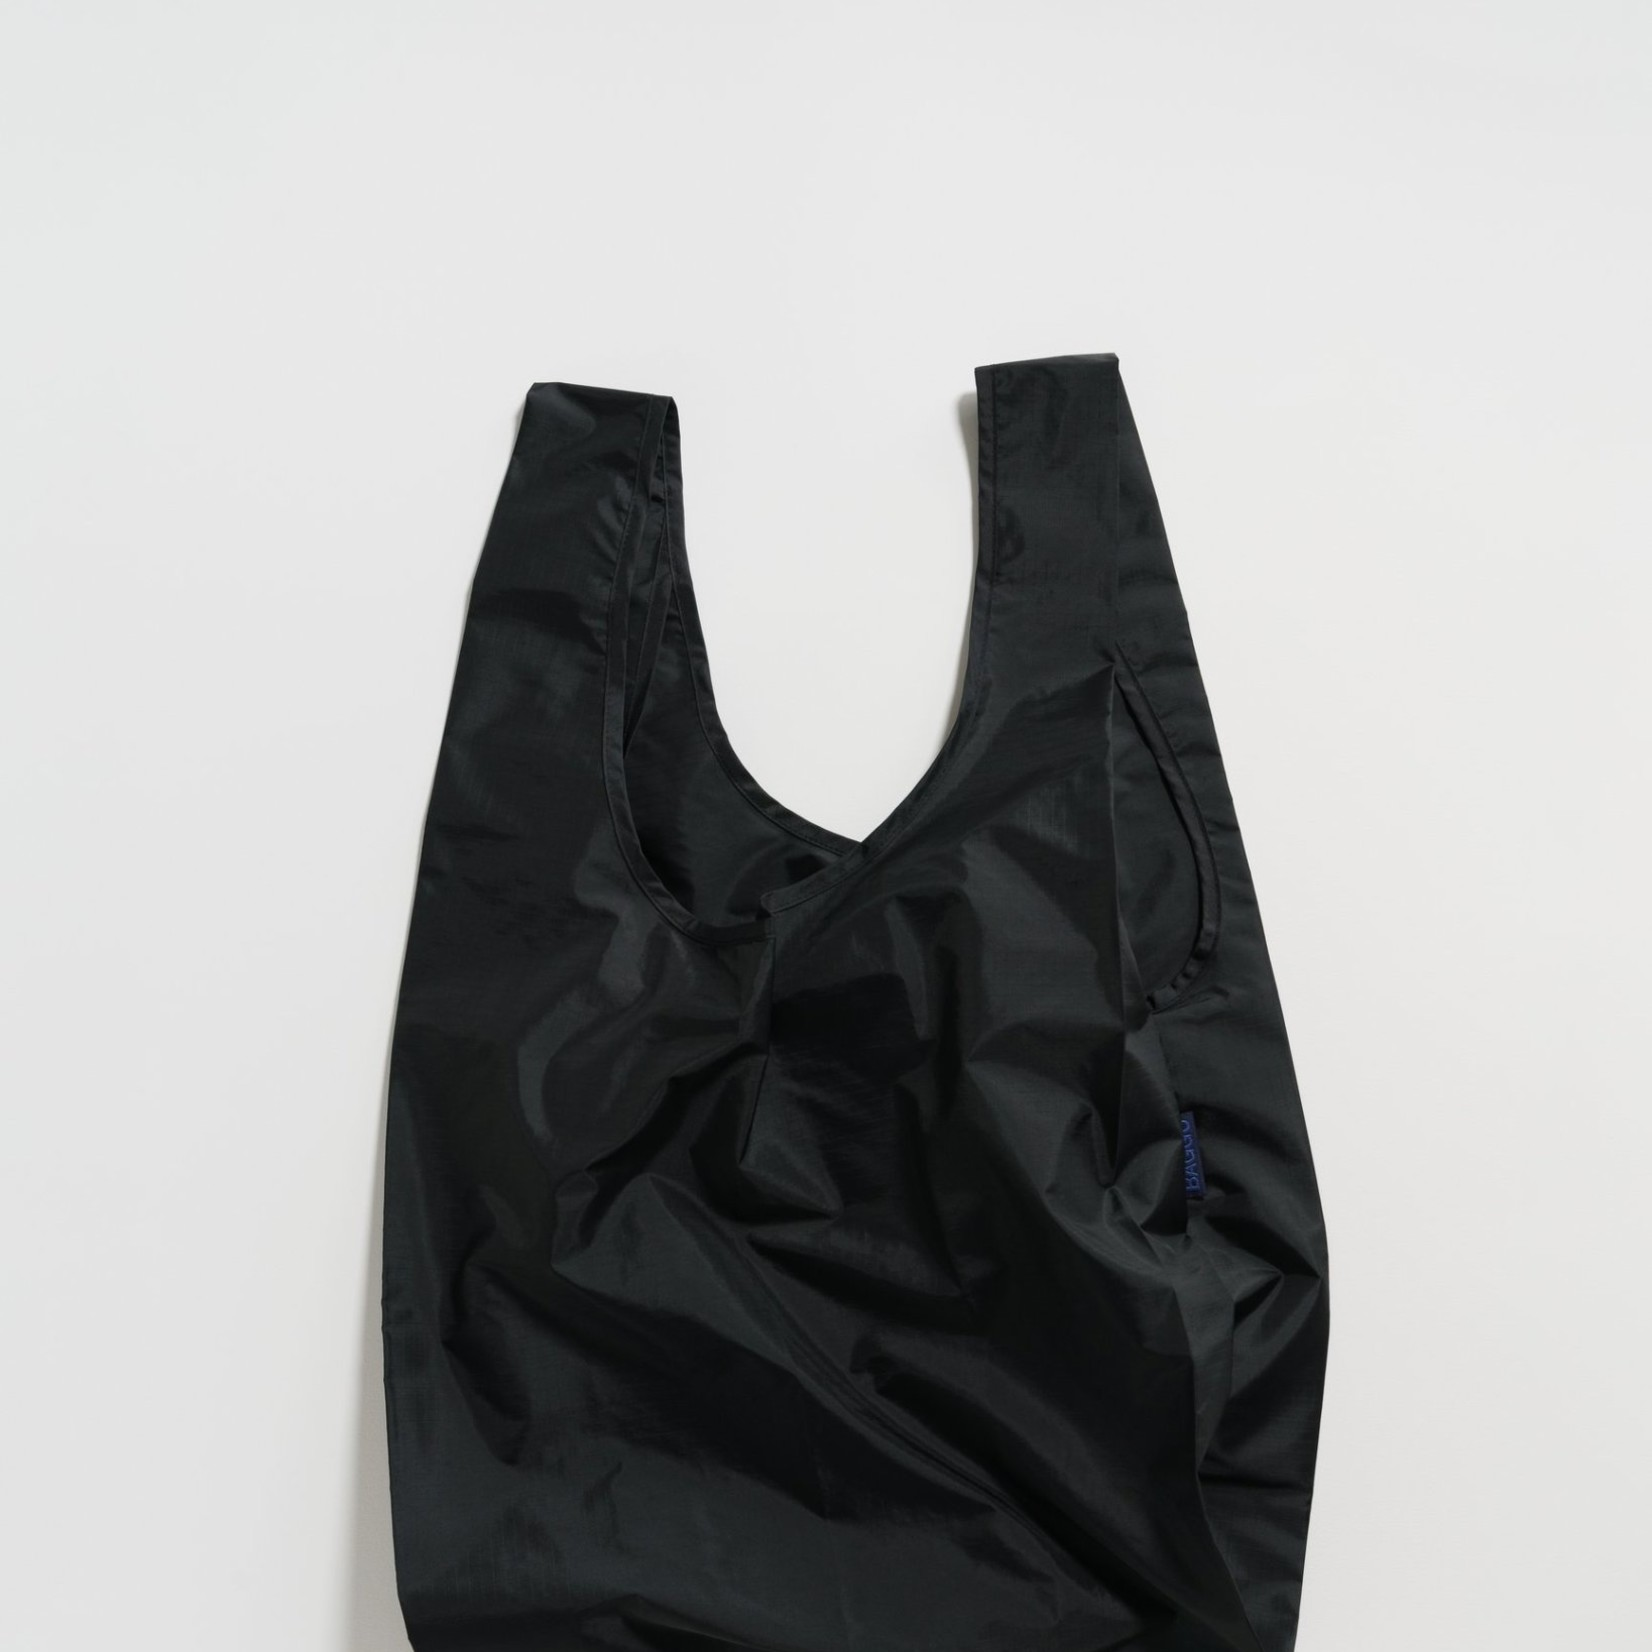 Baggu Baggu Reusable Bag Standard Black